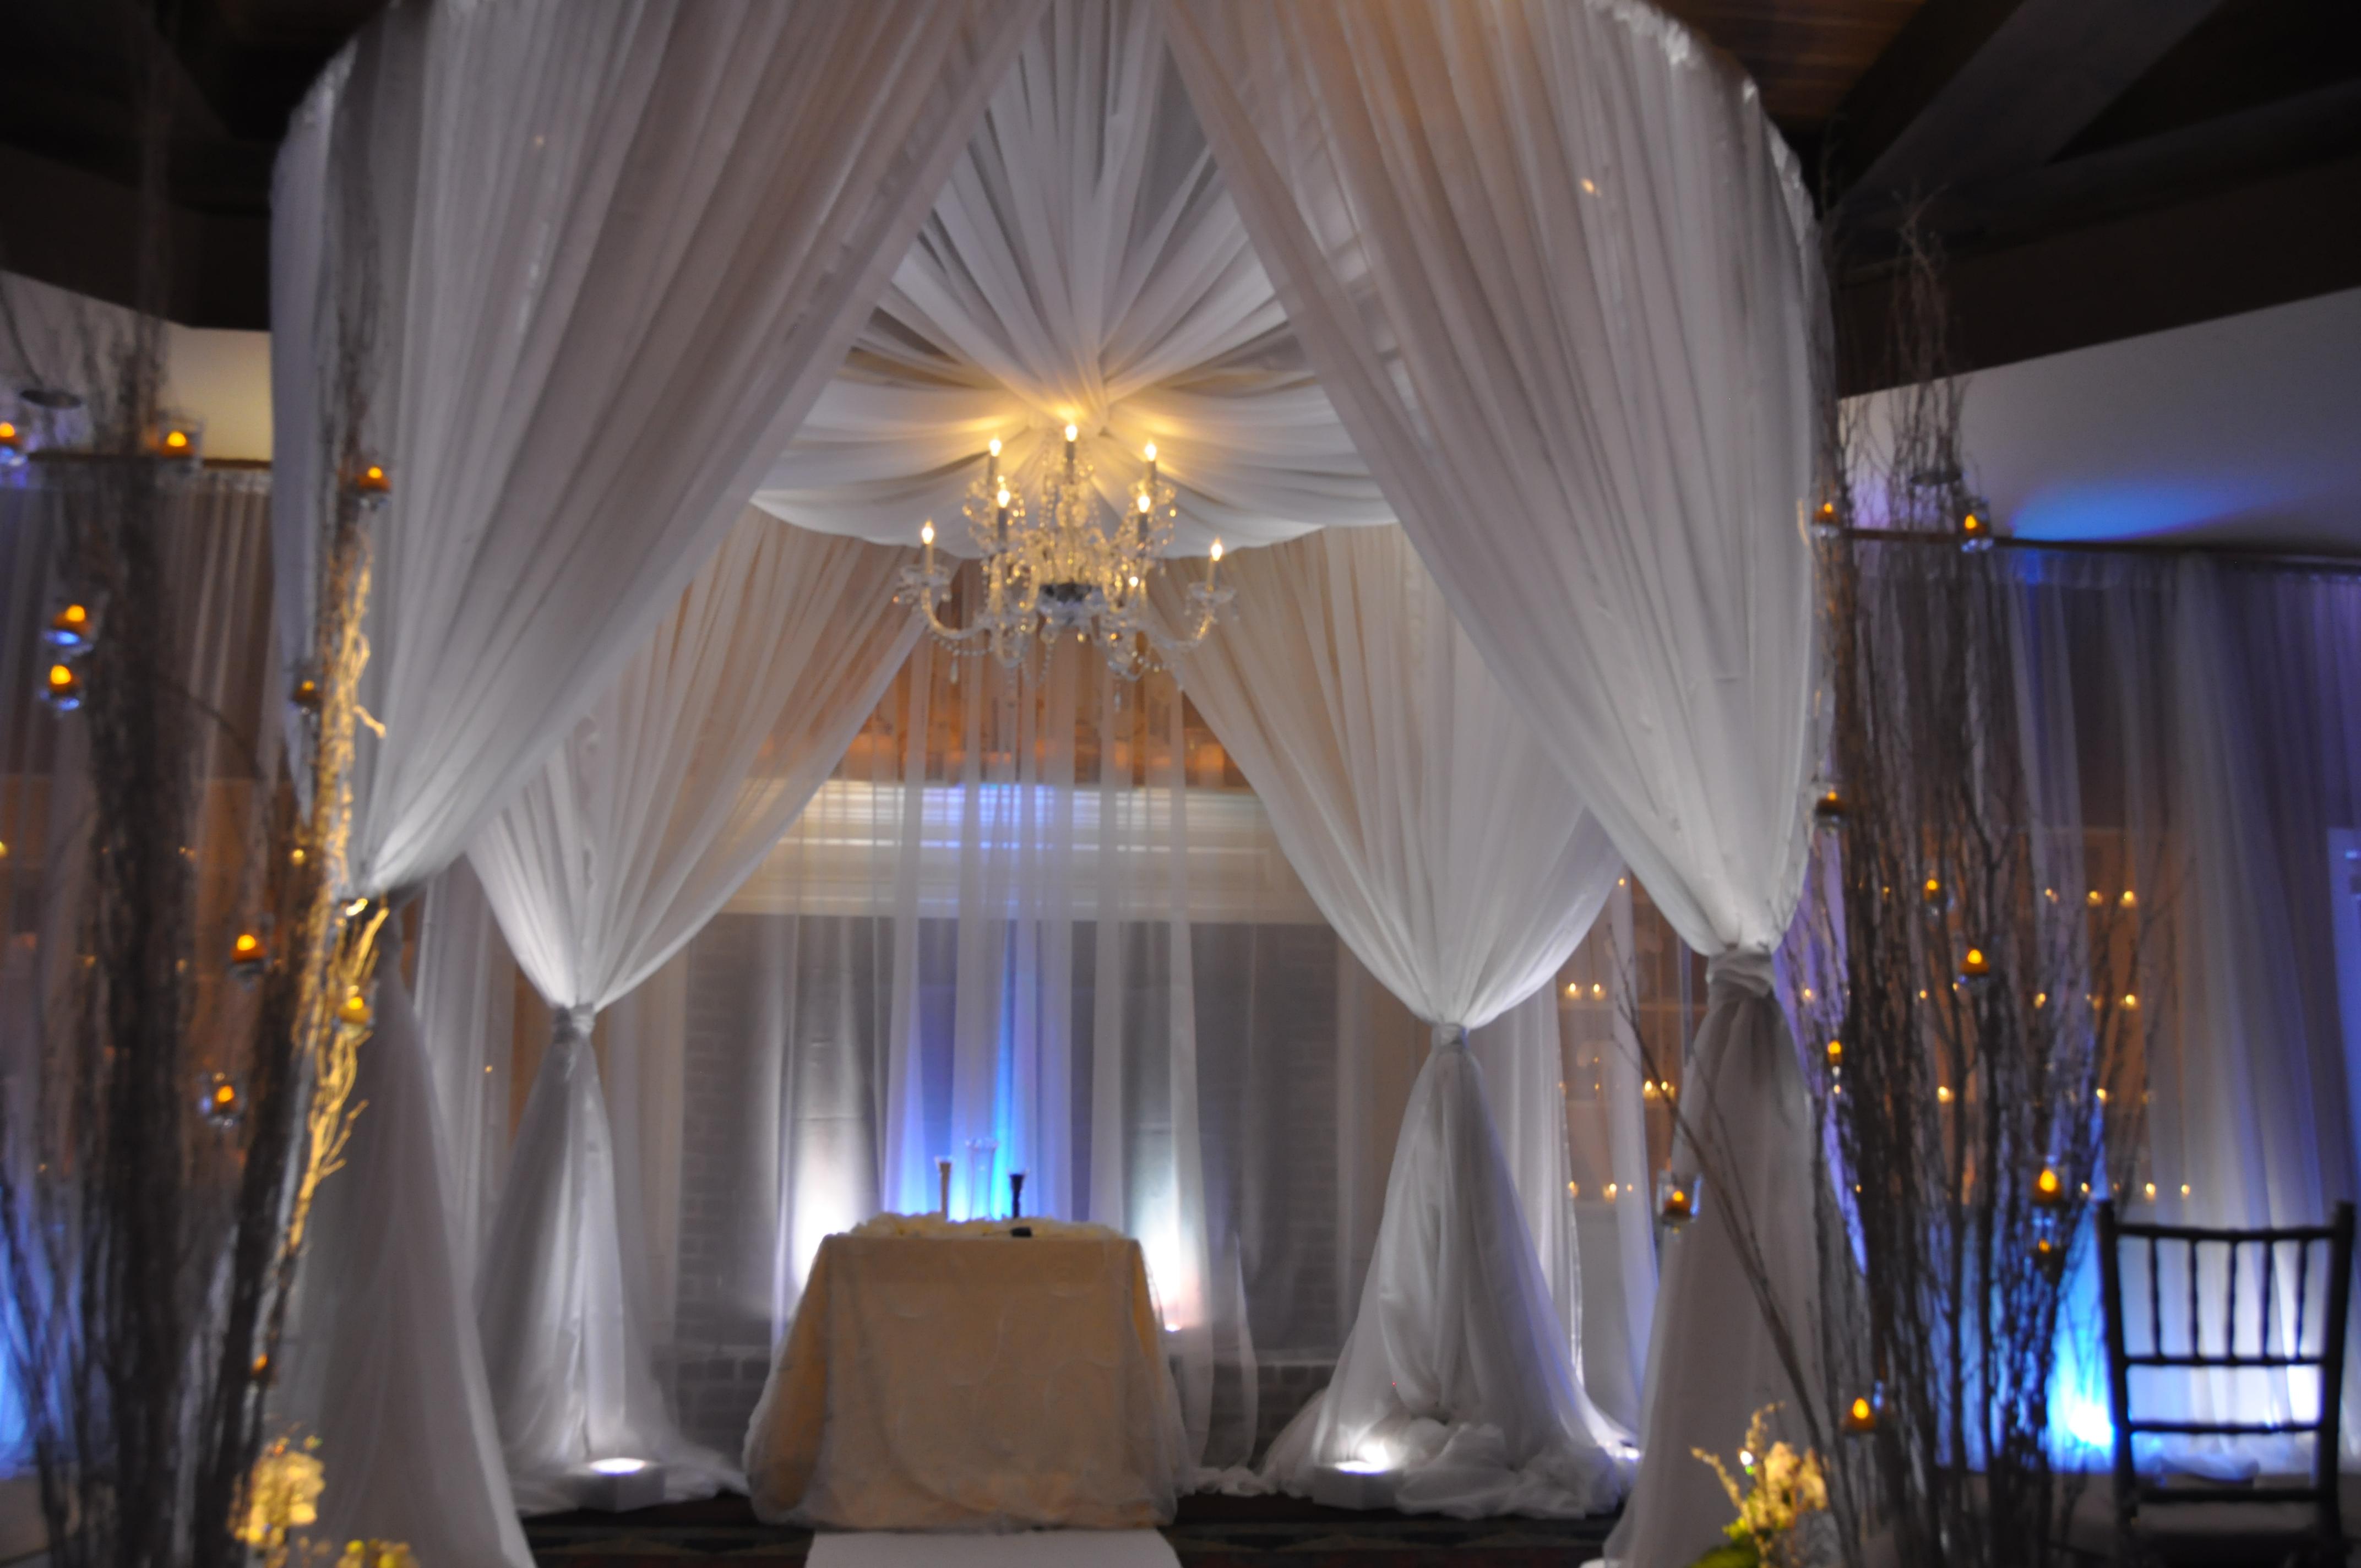 A Surprise Winter Wonderland Wedding